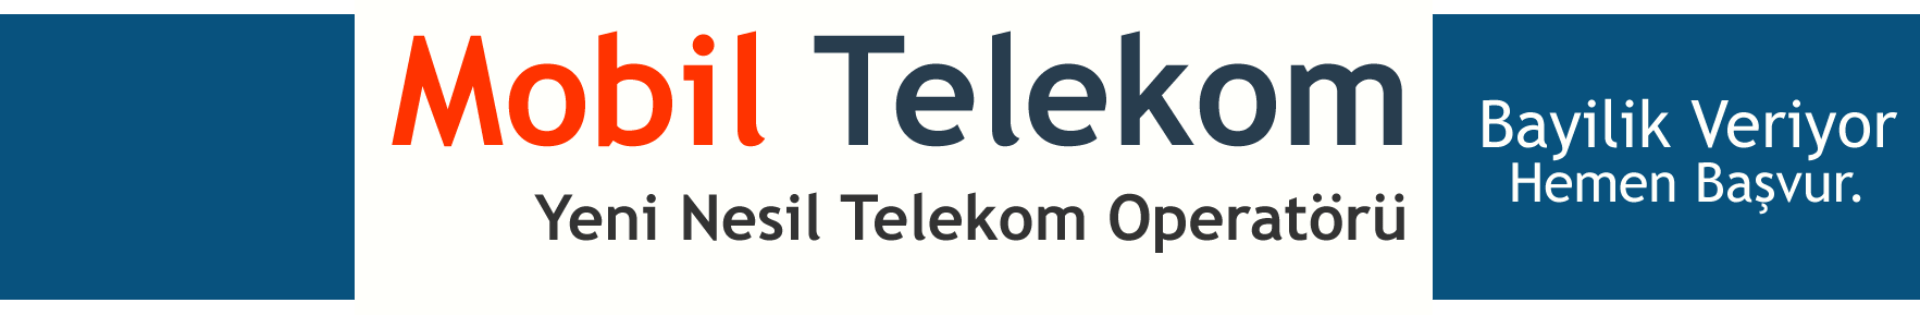 Mobil Telekom